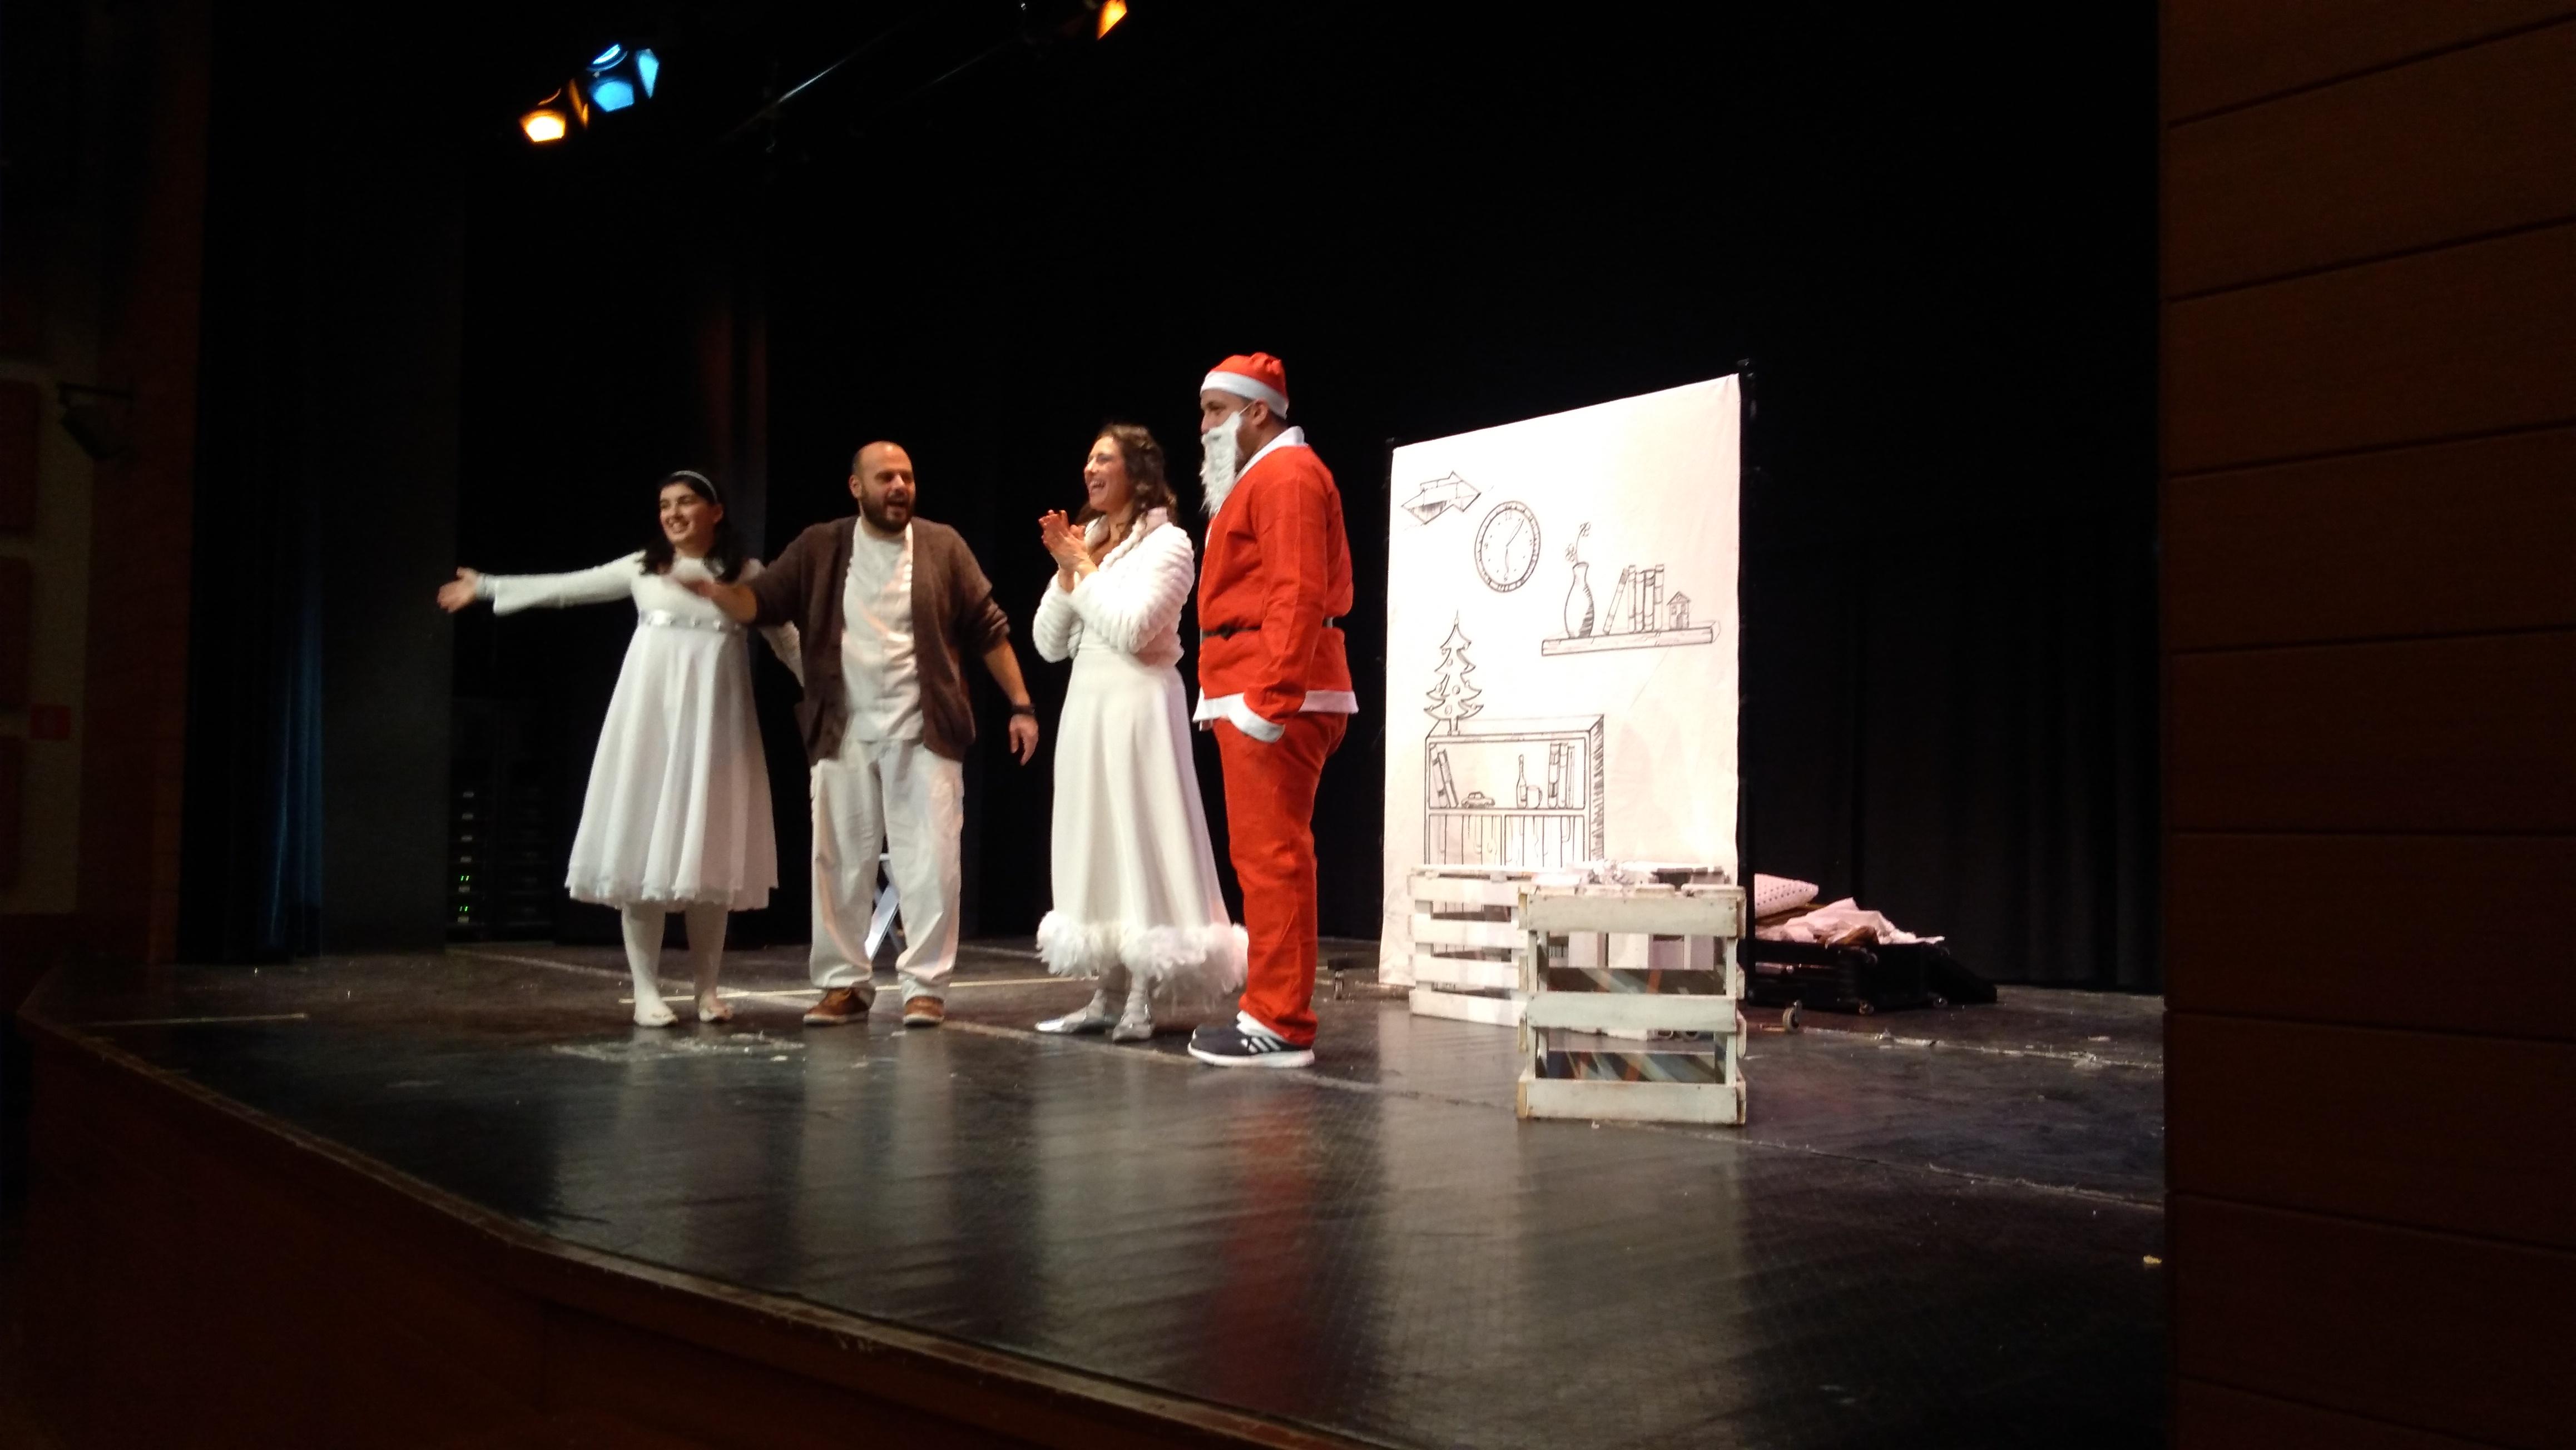 Πραγματοποιήθηκε η Χριστουγεννιάτικη παιδική γιορτή της Ε.ΑΣ.Υ.Ν.Κιλκίς!!!!